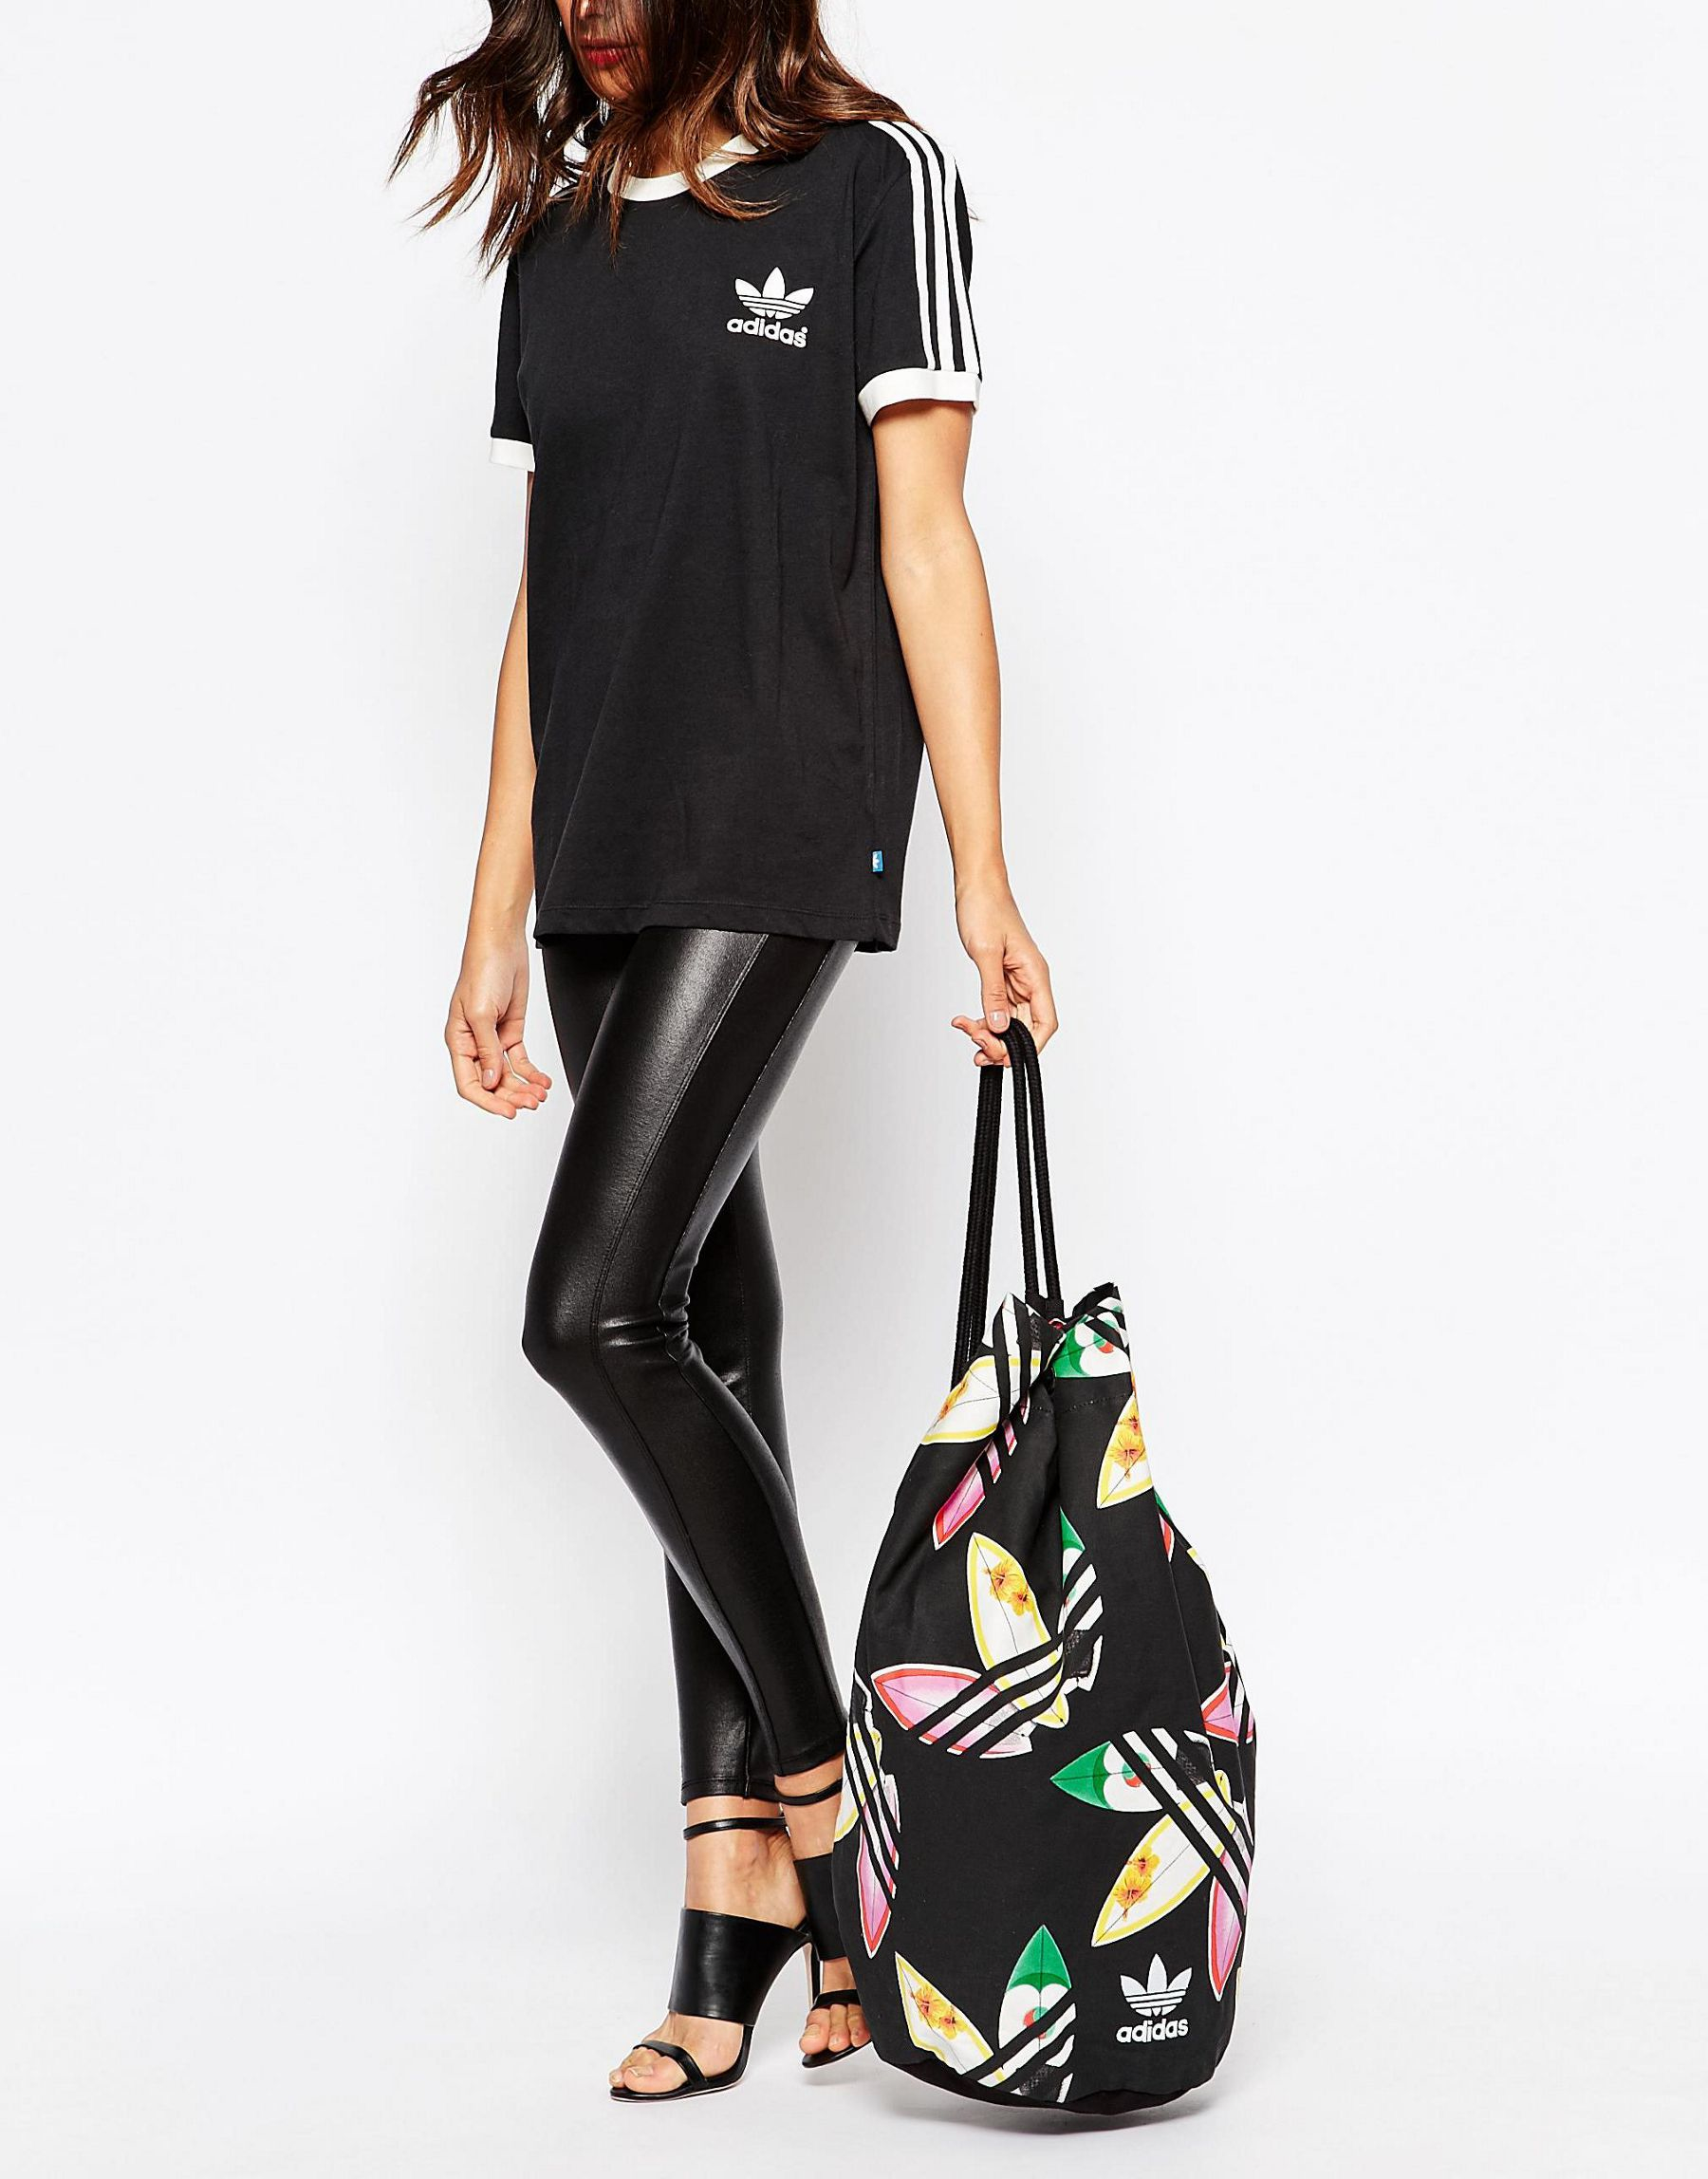 446a6438f46 adidas Originals Originals X Pharrell Williams Duffle Backpack in ...